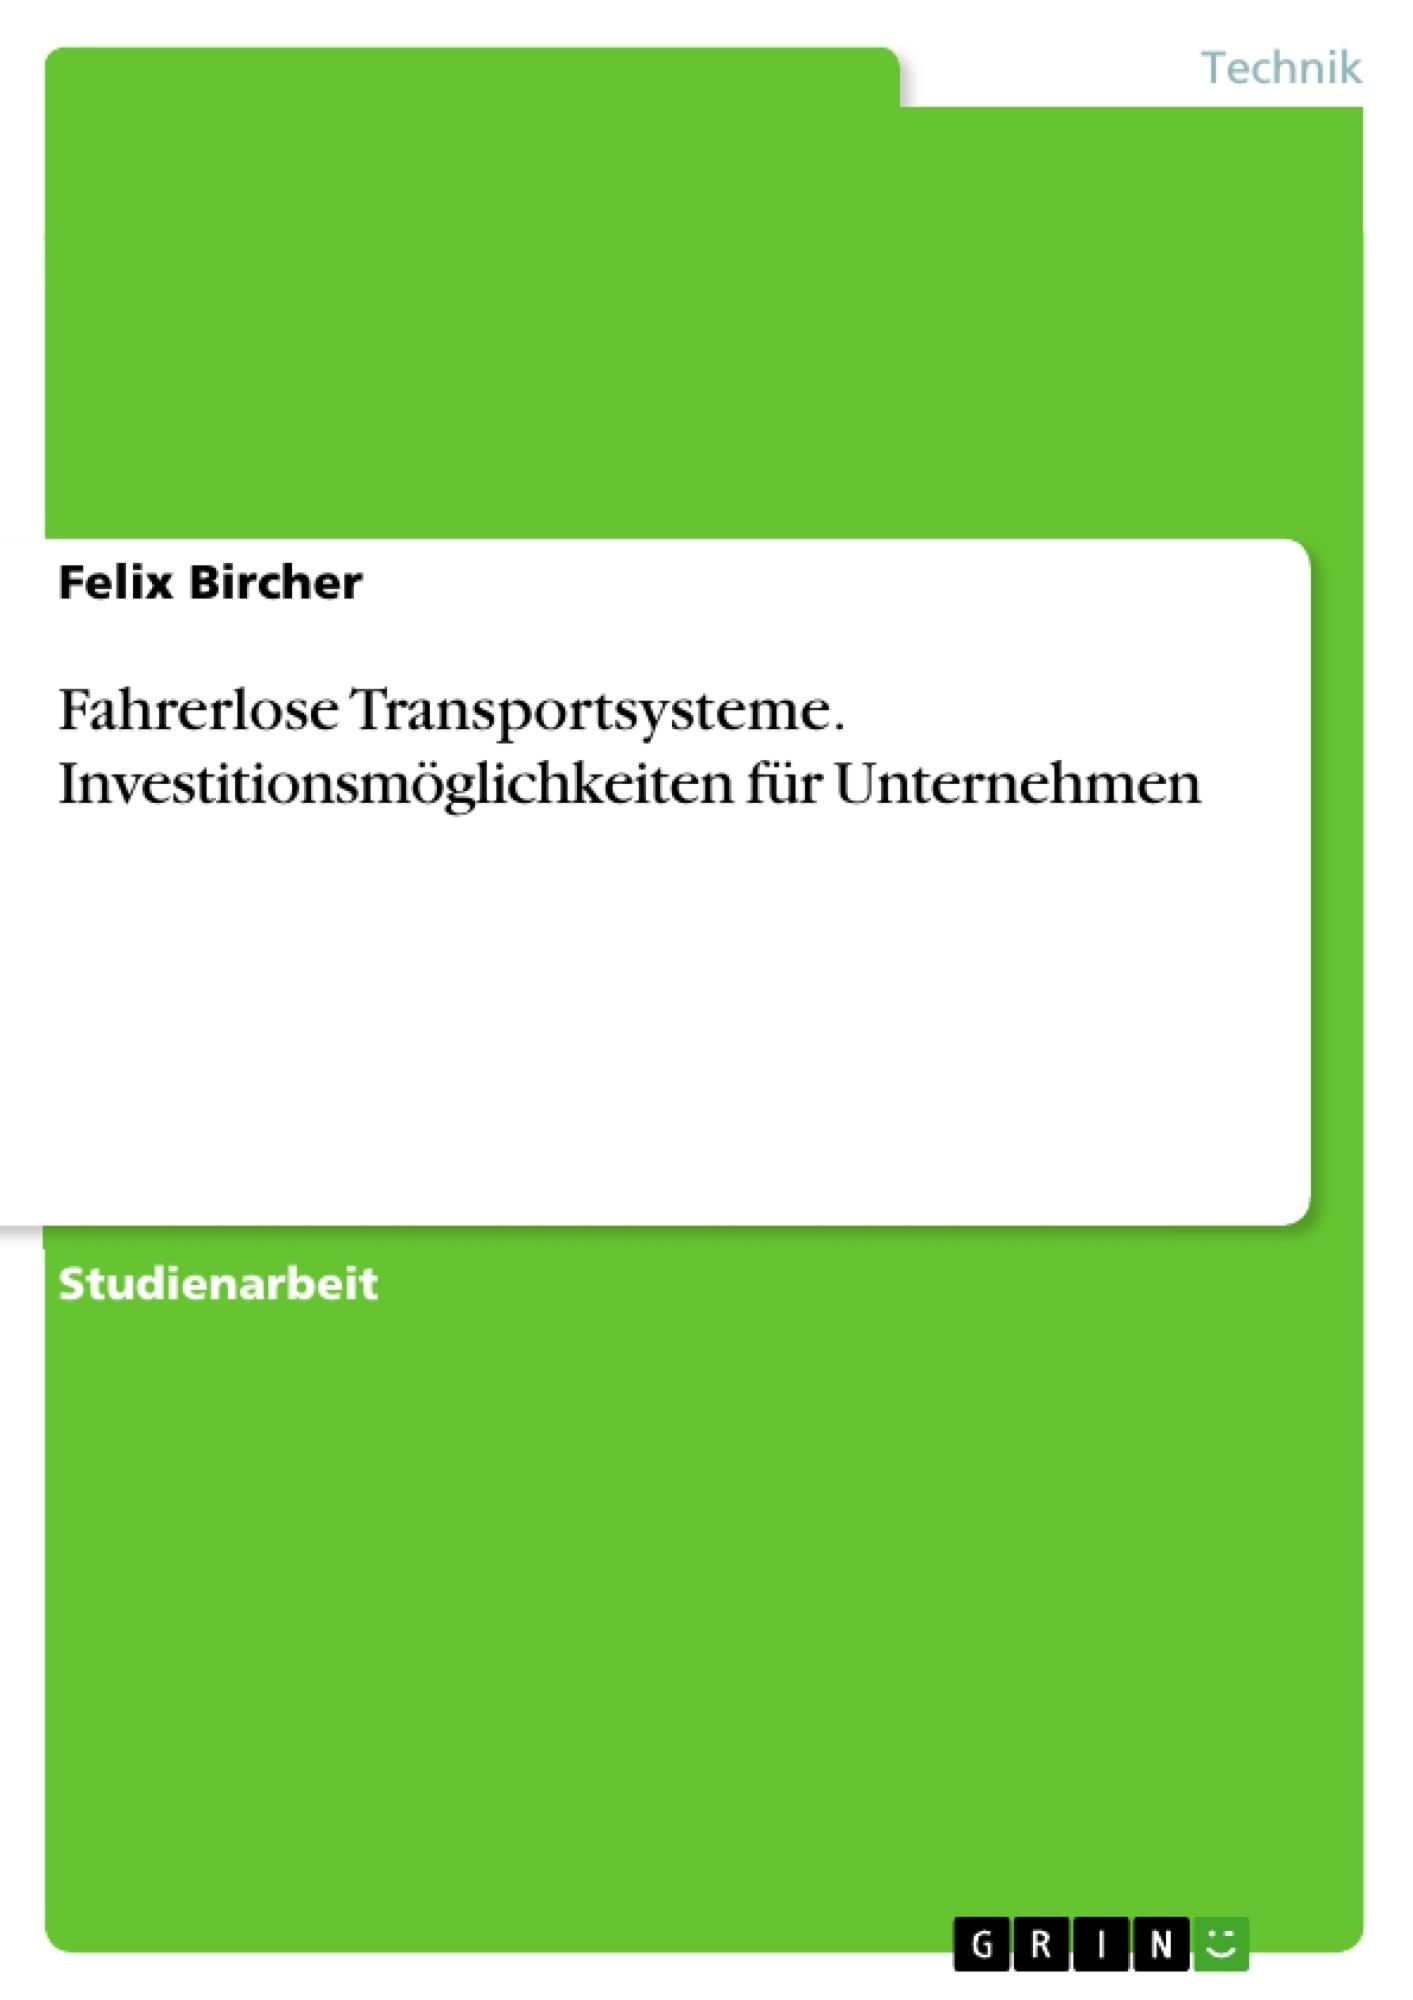 Titel: Fahrerlose Transportsysteme. Investitionsmöglichkeiten für Unternehmen